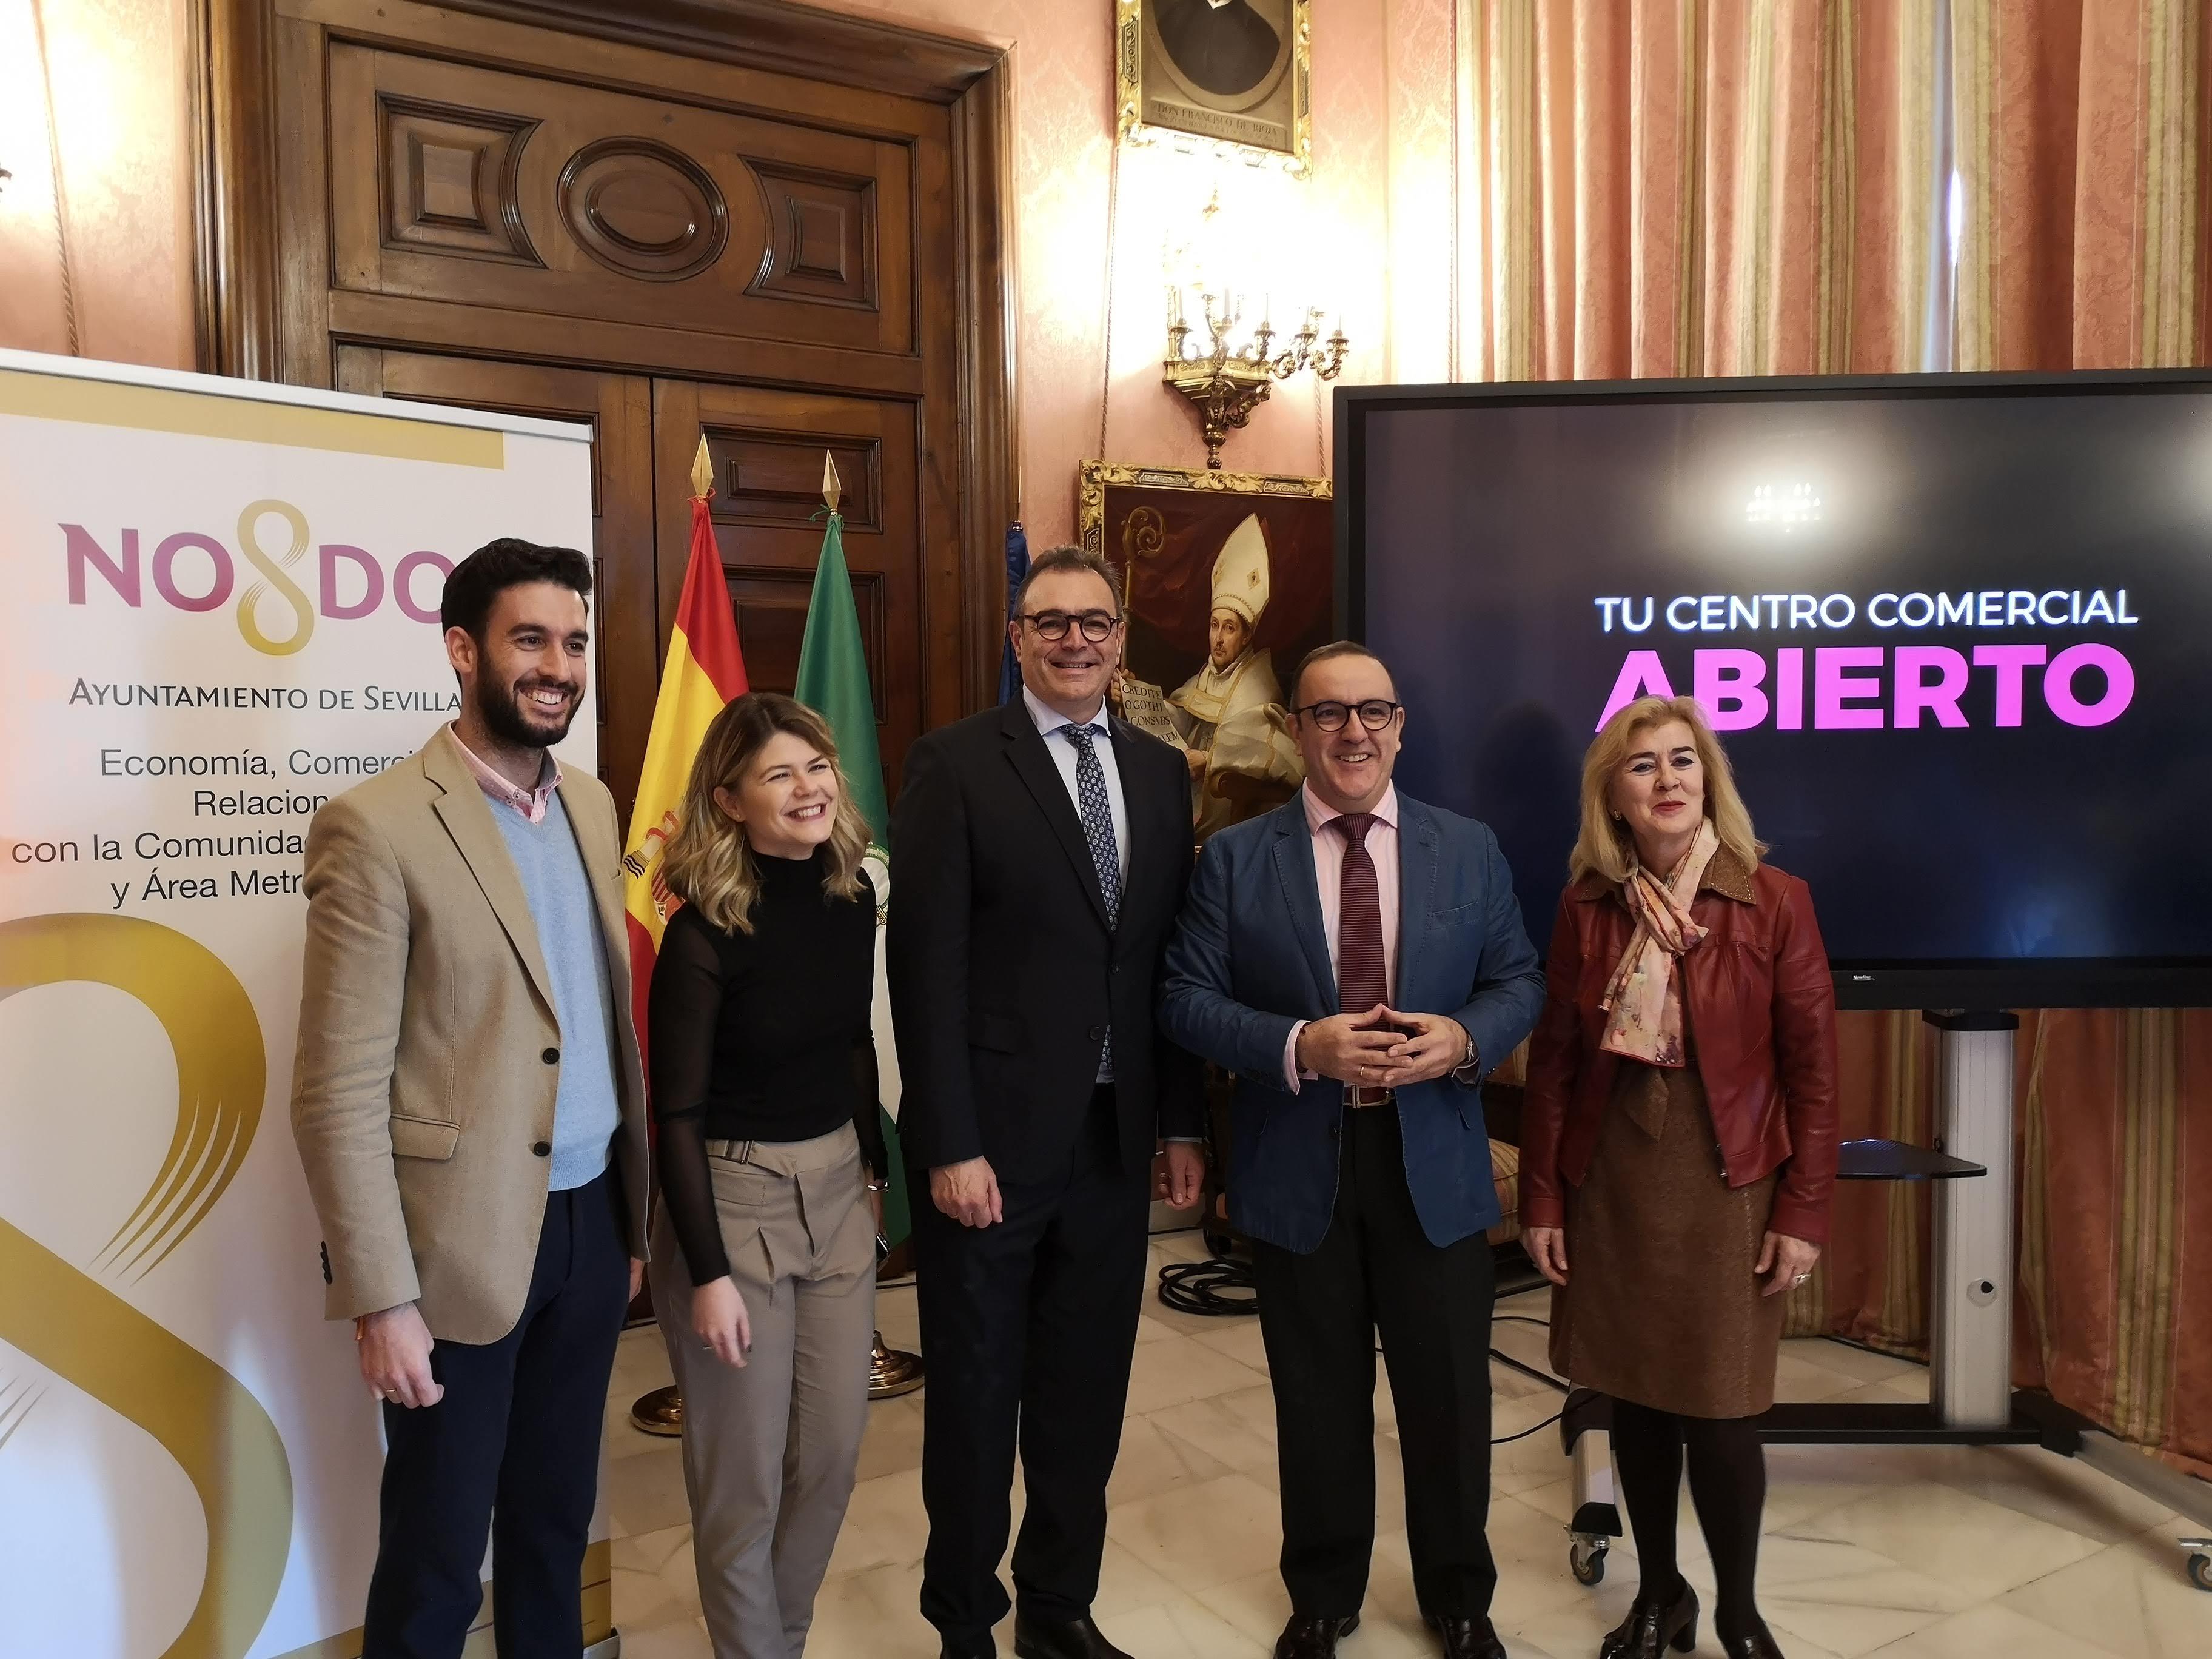 """'Alcentro' pone en marcha una campaña para promocionar el comercio """"de calidad y cercanía"""" en el Casco Antiguo de Sevilla"""